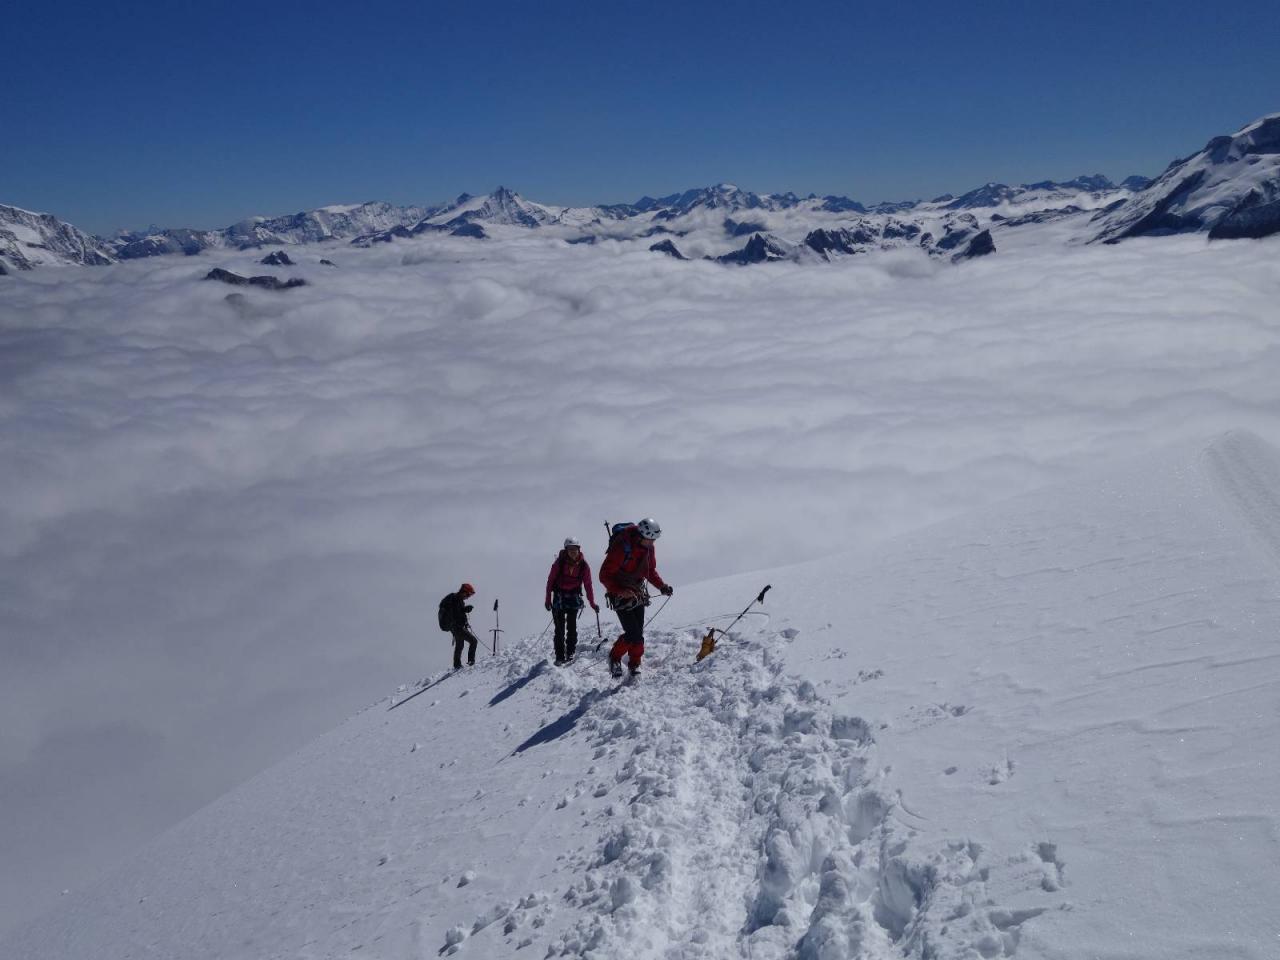 Montée au Grand Bec dans 20cm de neige fraiche